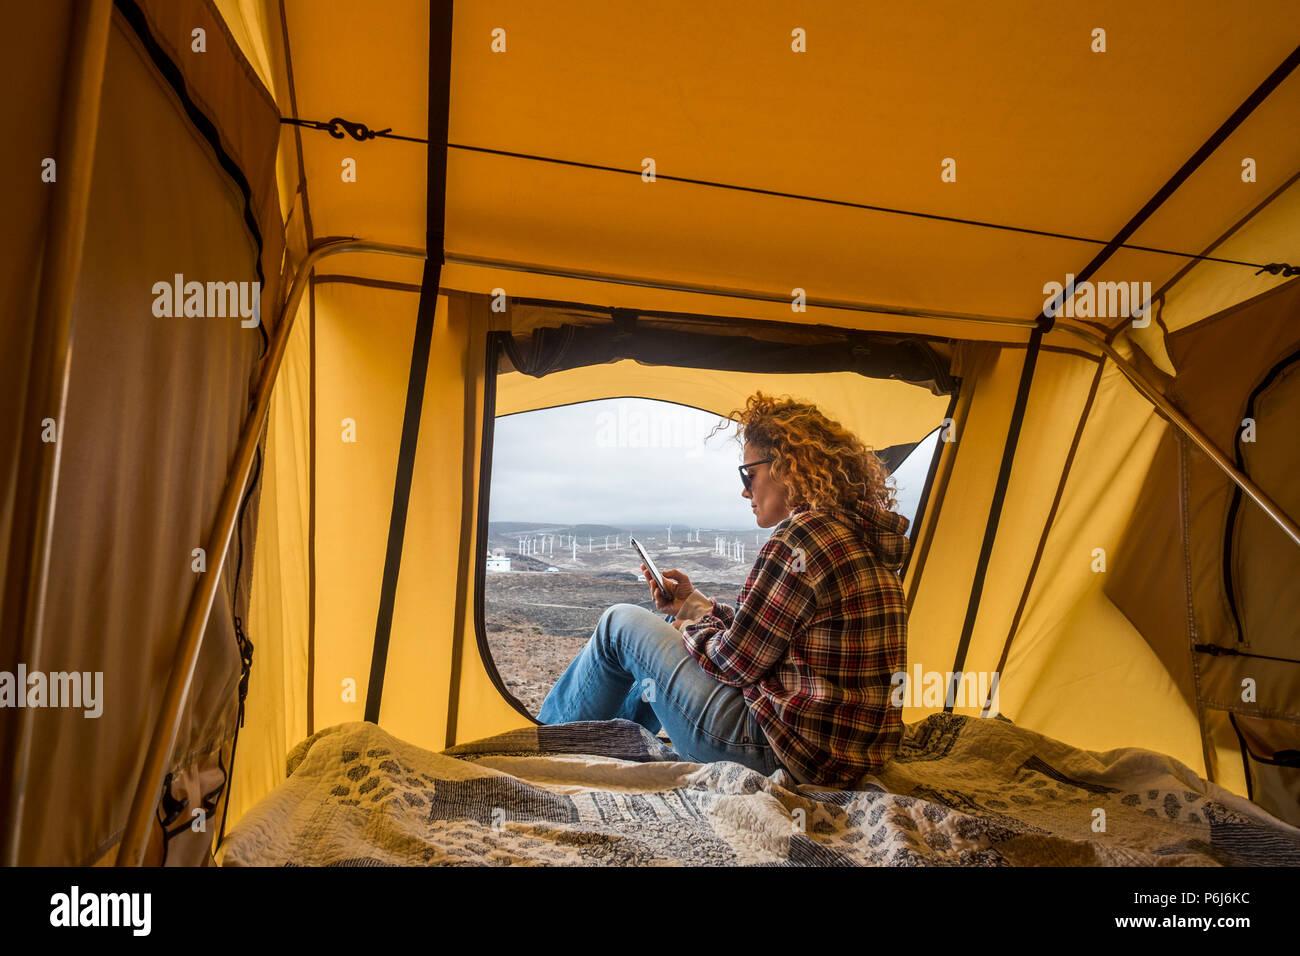 Belle caucasian woman vérifiez les contacts internet pour smartphone et travailler pendant que s'asseoir à l'extérieur d'une tente avec vue sur l'océan. Concept de déplacement et de travail w Photo Stock